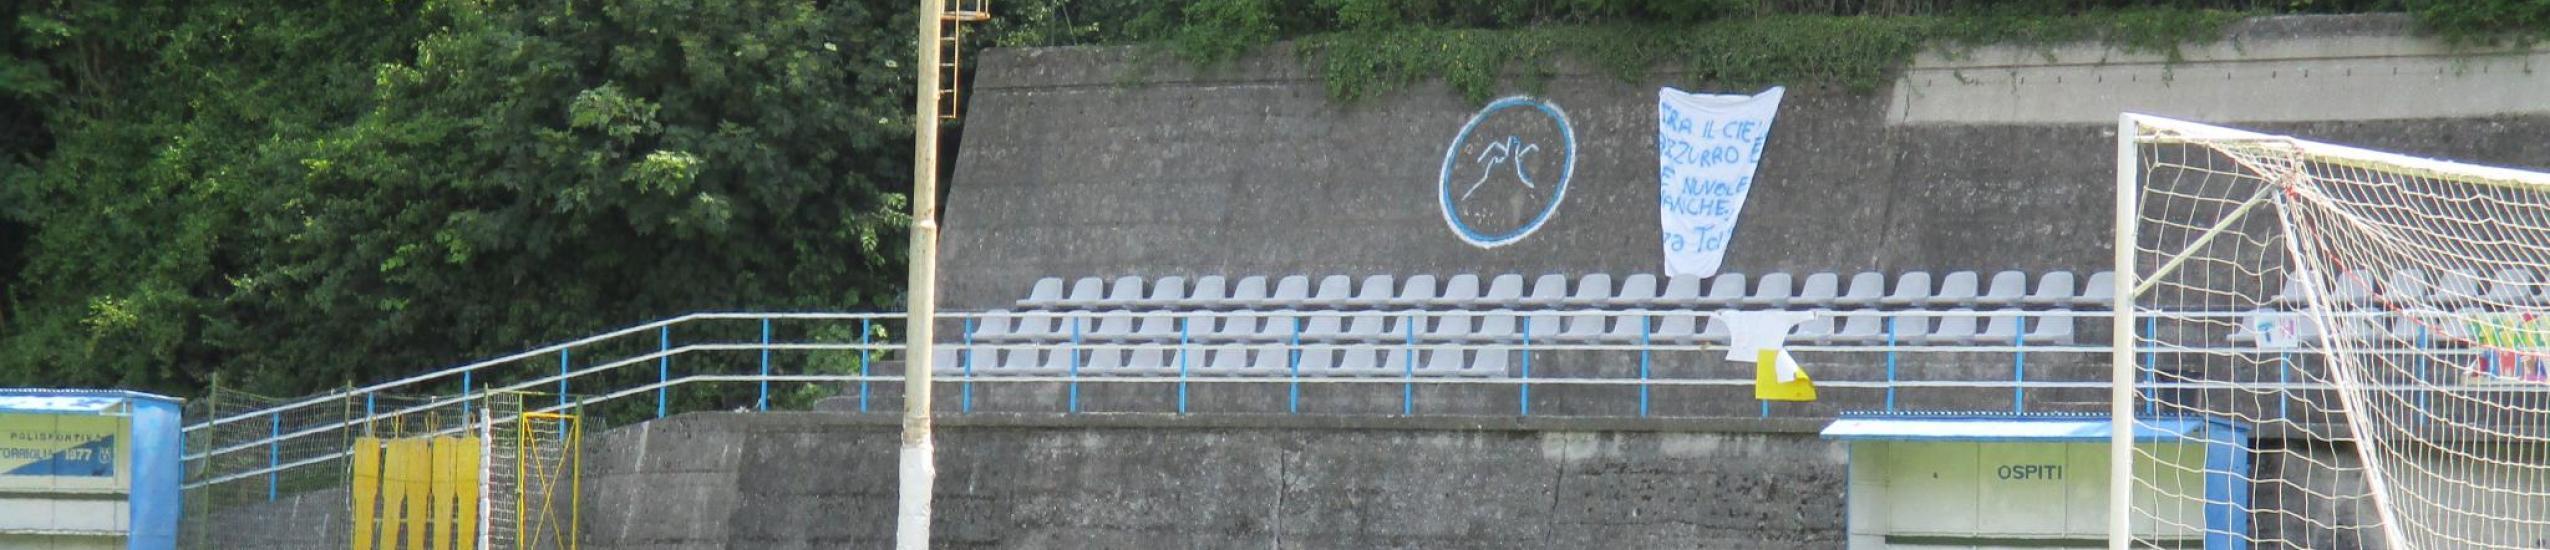 Polisportiva Torriglia calcio